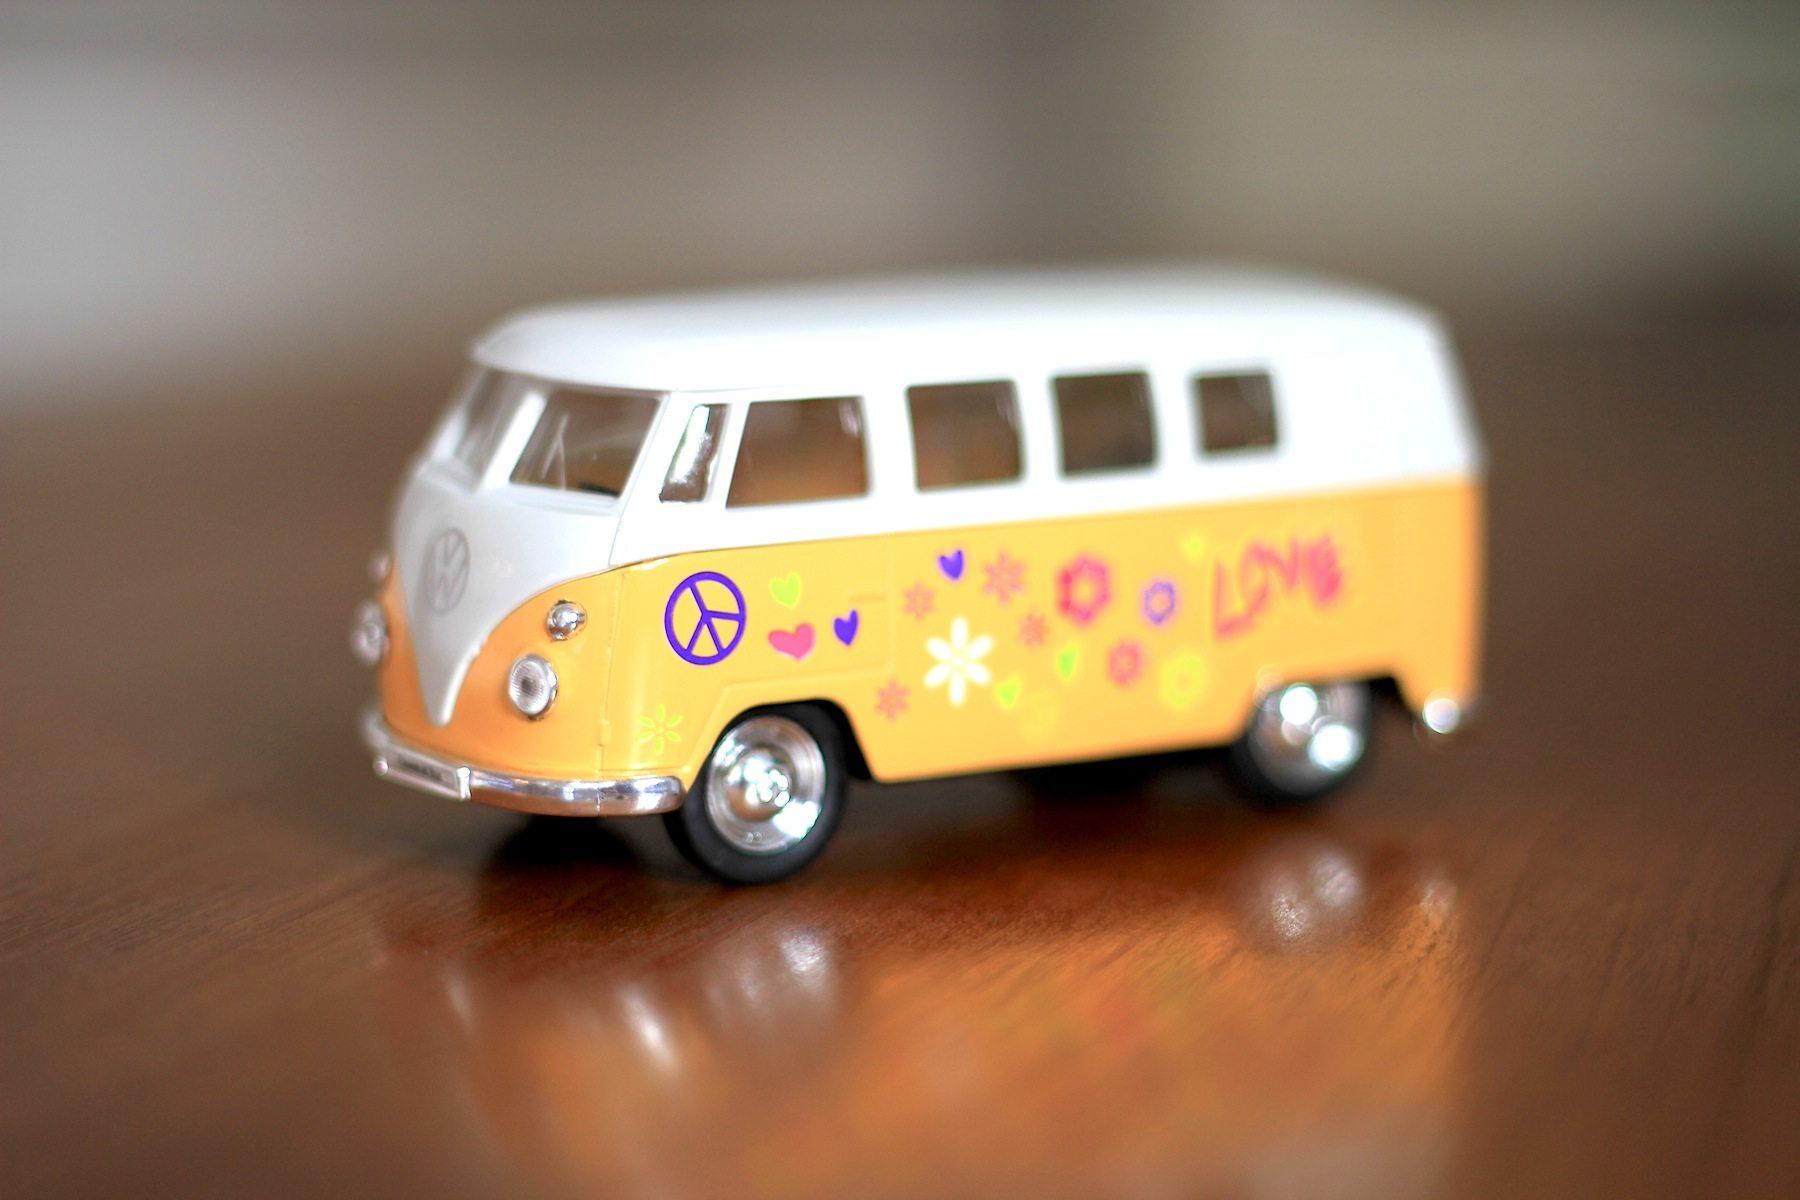 VW Bulli. Apropos Siebziger, Schlaghosen und Hippies: das Lieblingsgefährt der Love-Generation gibt es im Museumsshop.